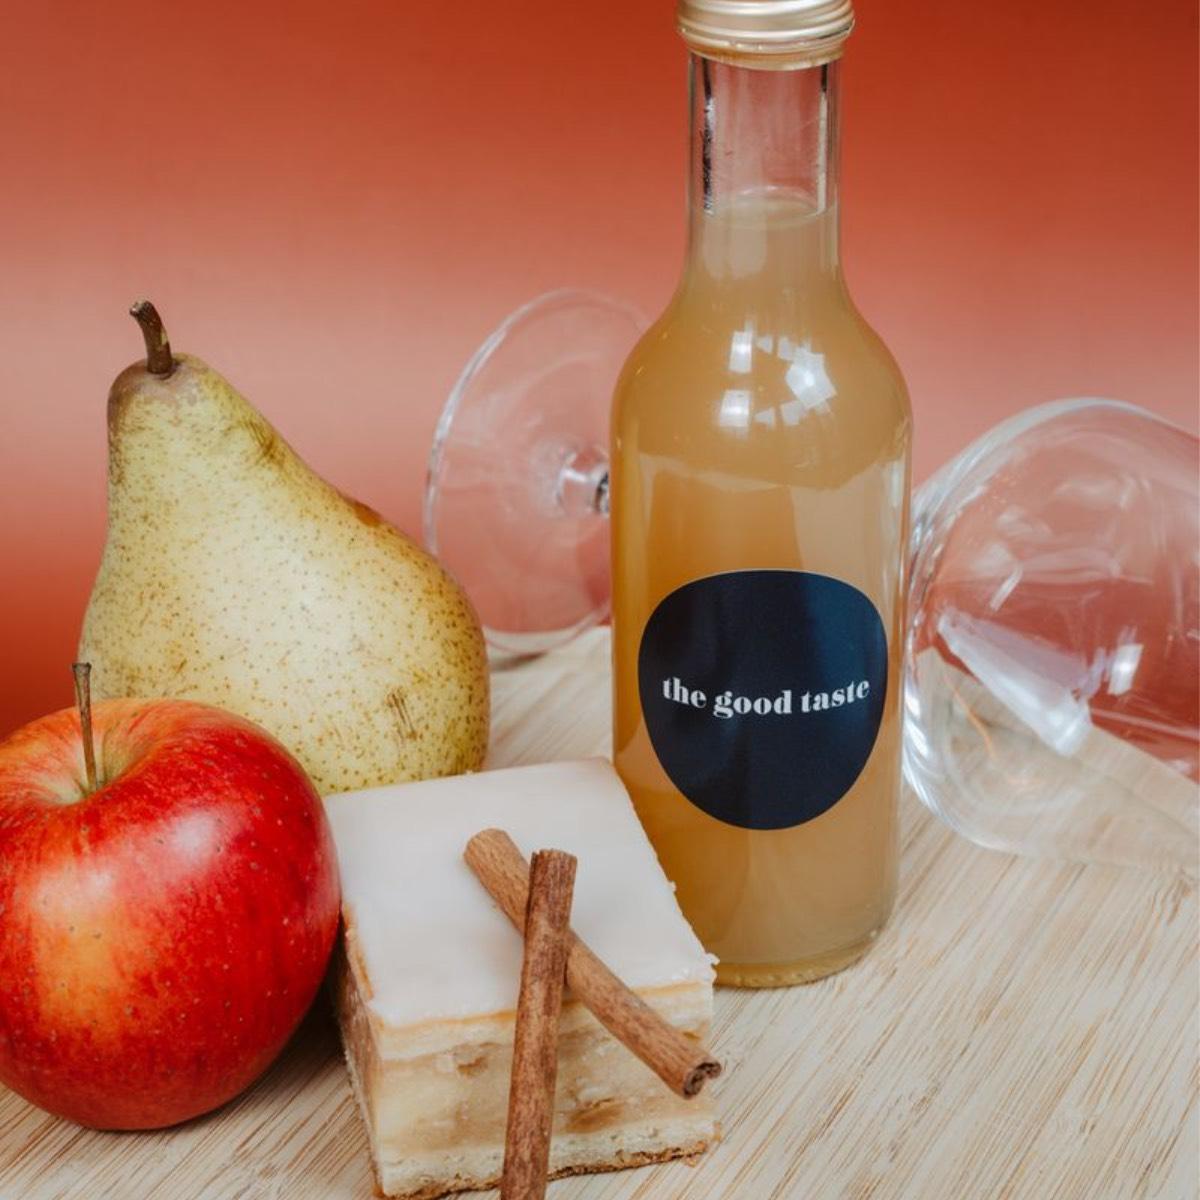 the good taste-6